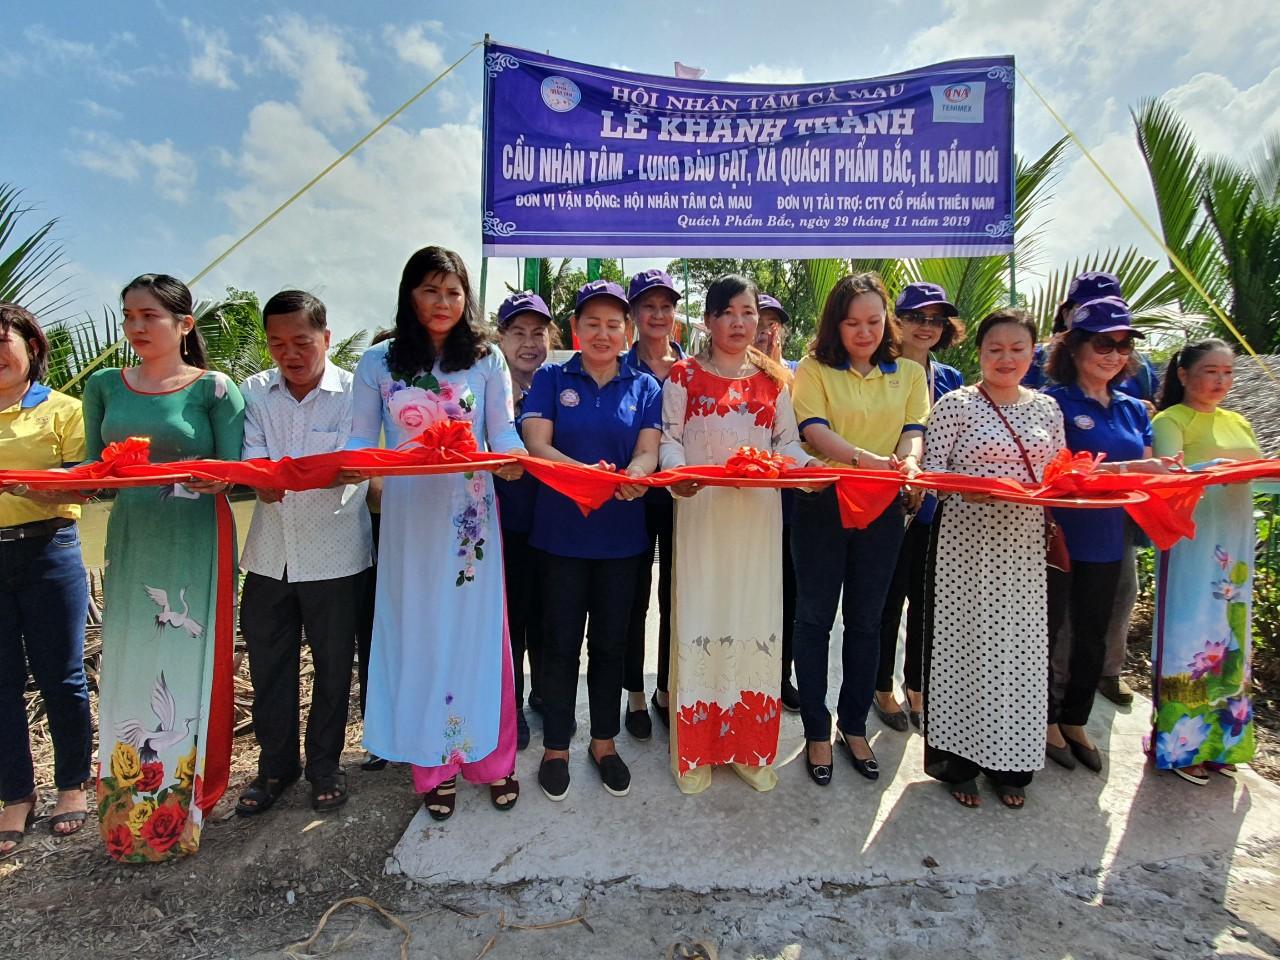 Thiên Nam Group Đóng Góp Xây Cầu Đồng Hương Tại Cà Mau